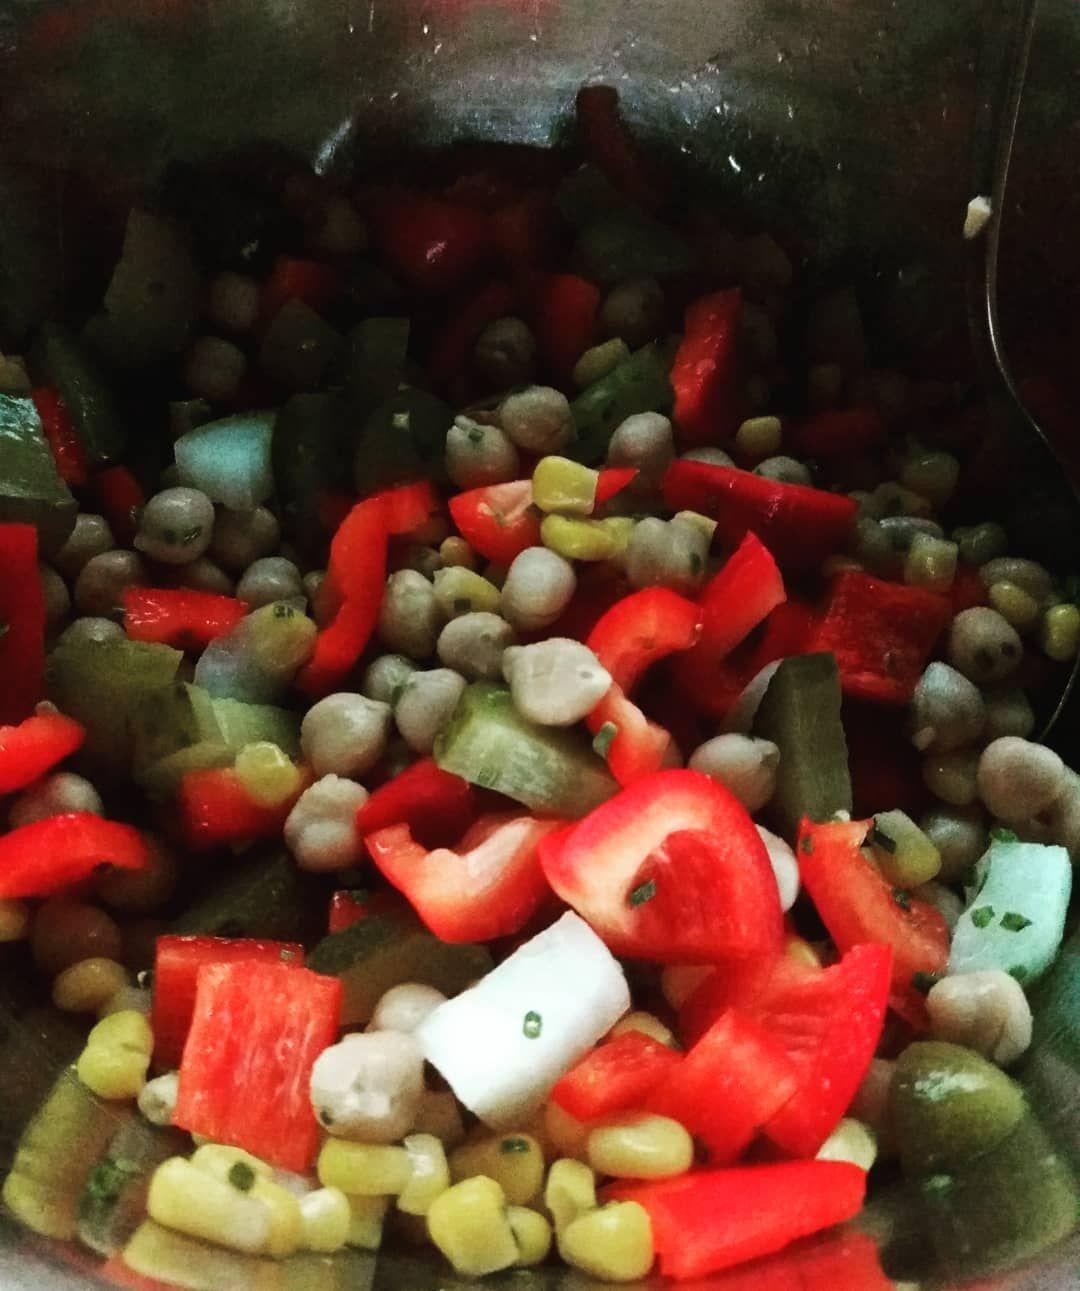 Zum Abendessen gibts jetzt Kichererbsen mit Paprika, Mais,Zwiebeln und Gewürzgurke. Da mein Salatkräuter leer ist wird nun Petersilie genutzt.